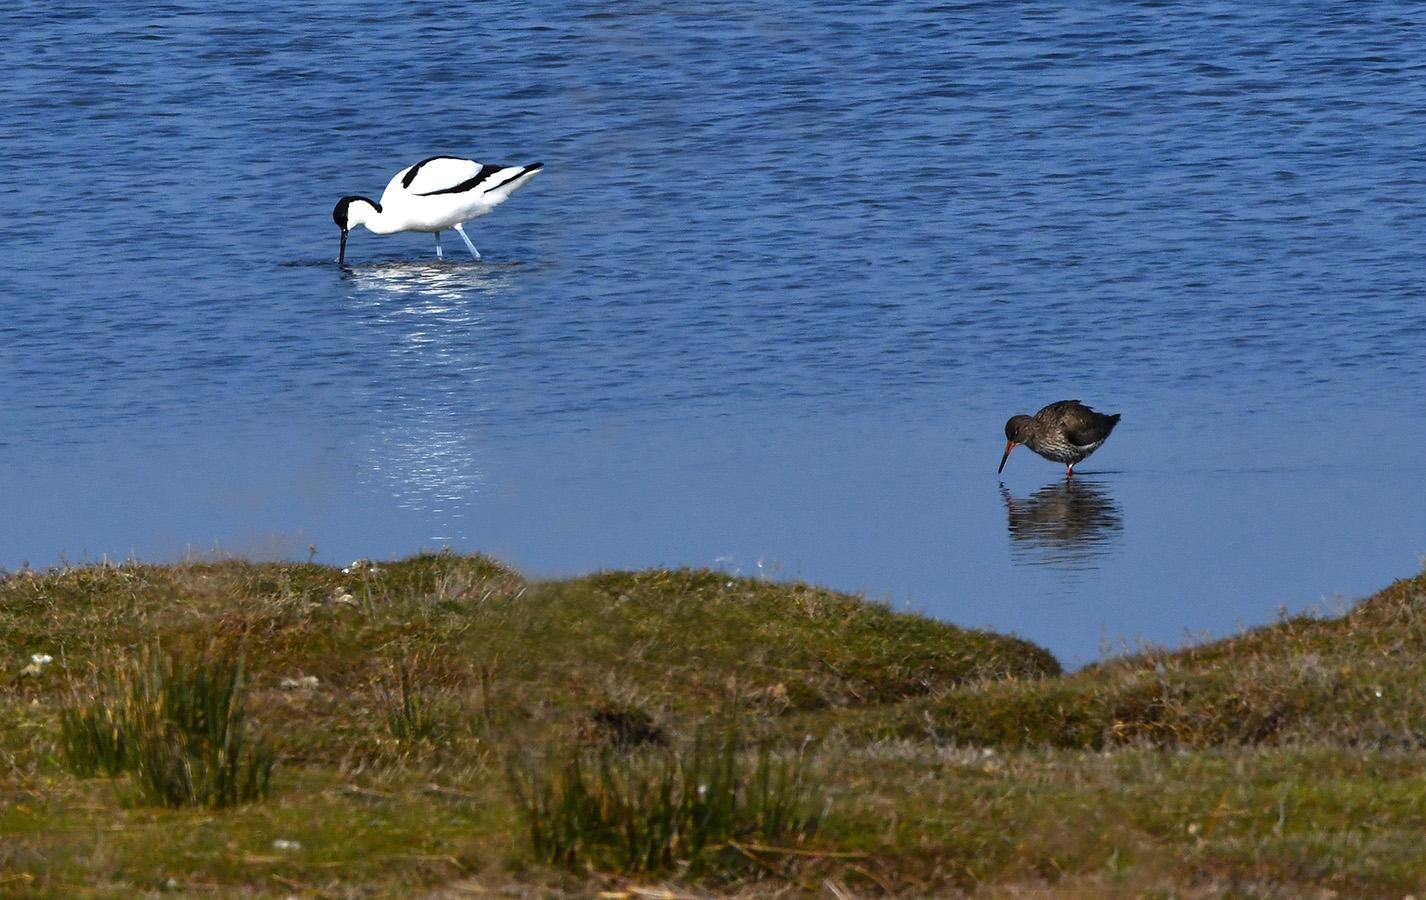 Kluut en tureluur druk aan het voedsel zoeken in het water van De Petten – Foto: ©Louis Fraanje